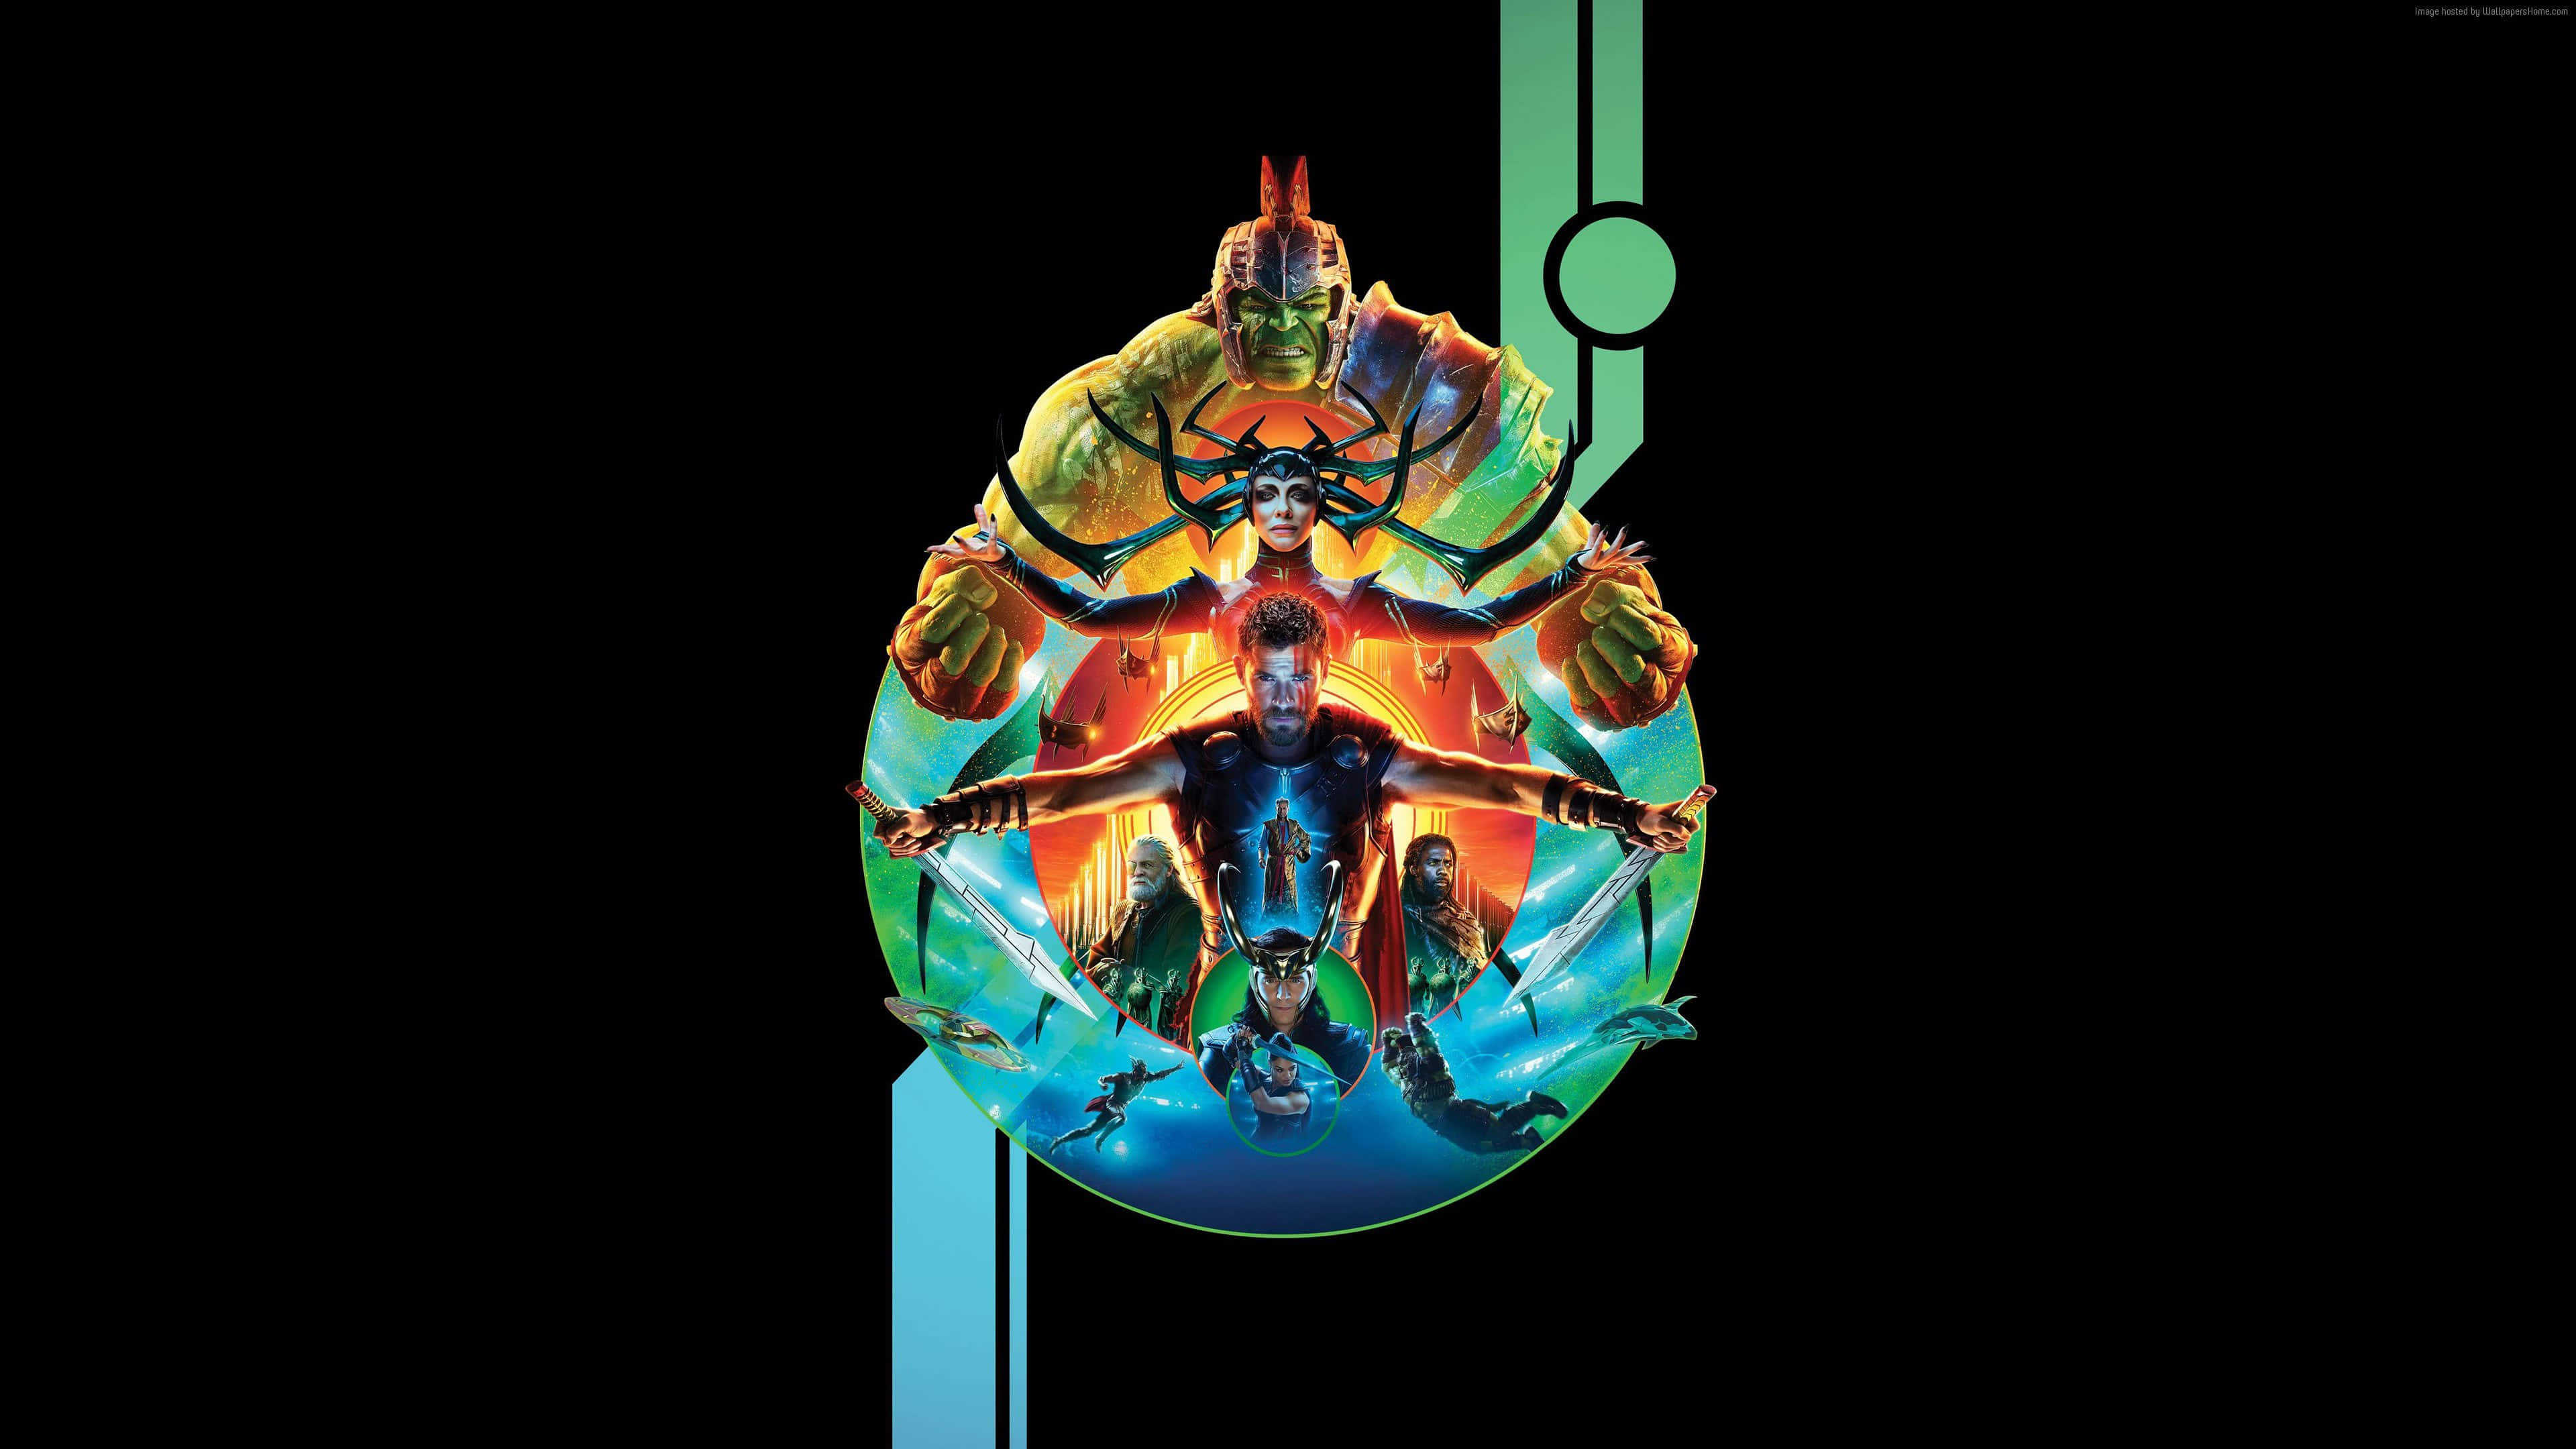 Thor Ragnarok Poster Uhd 4k Wallpaper Gilded Wallpapers